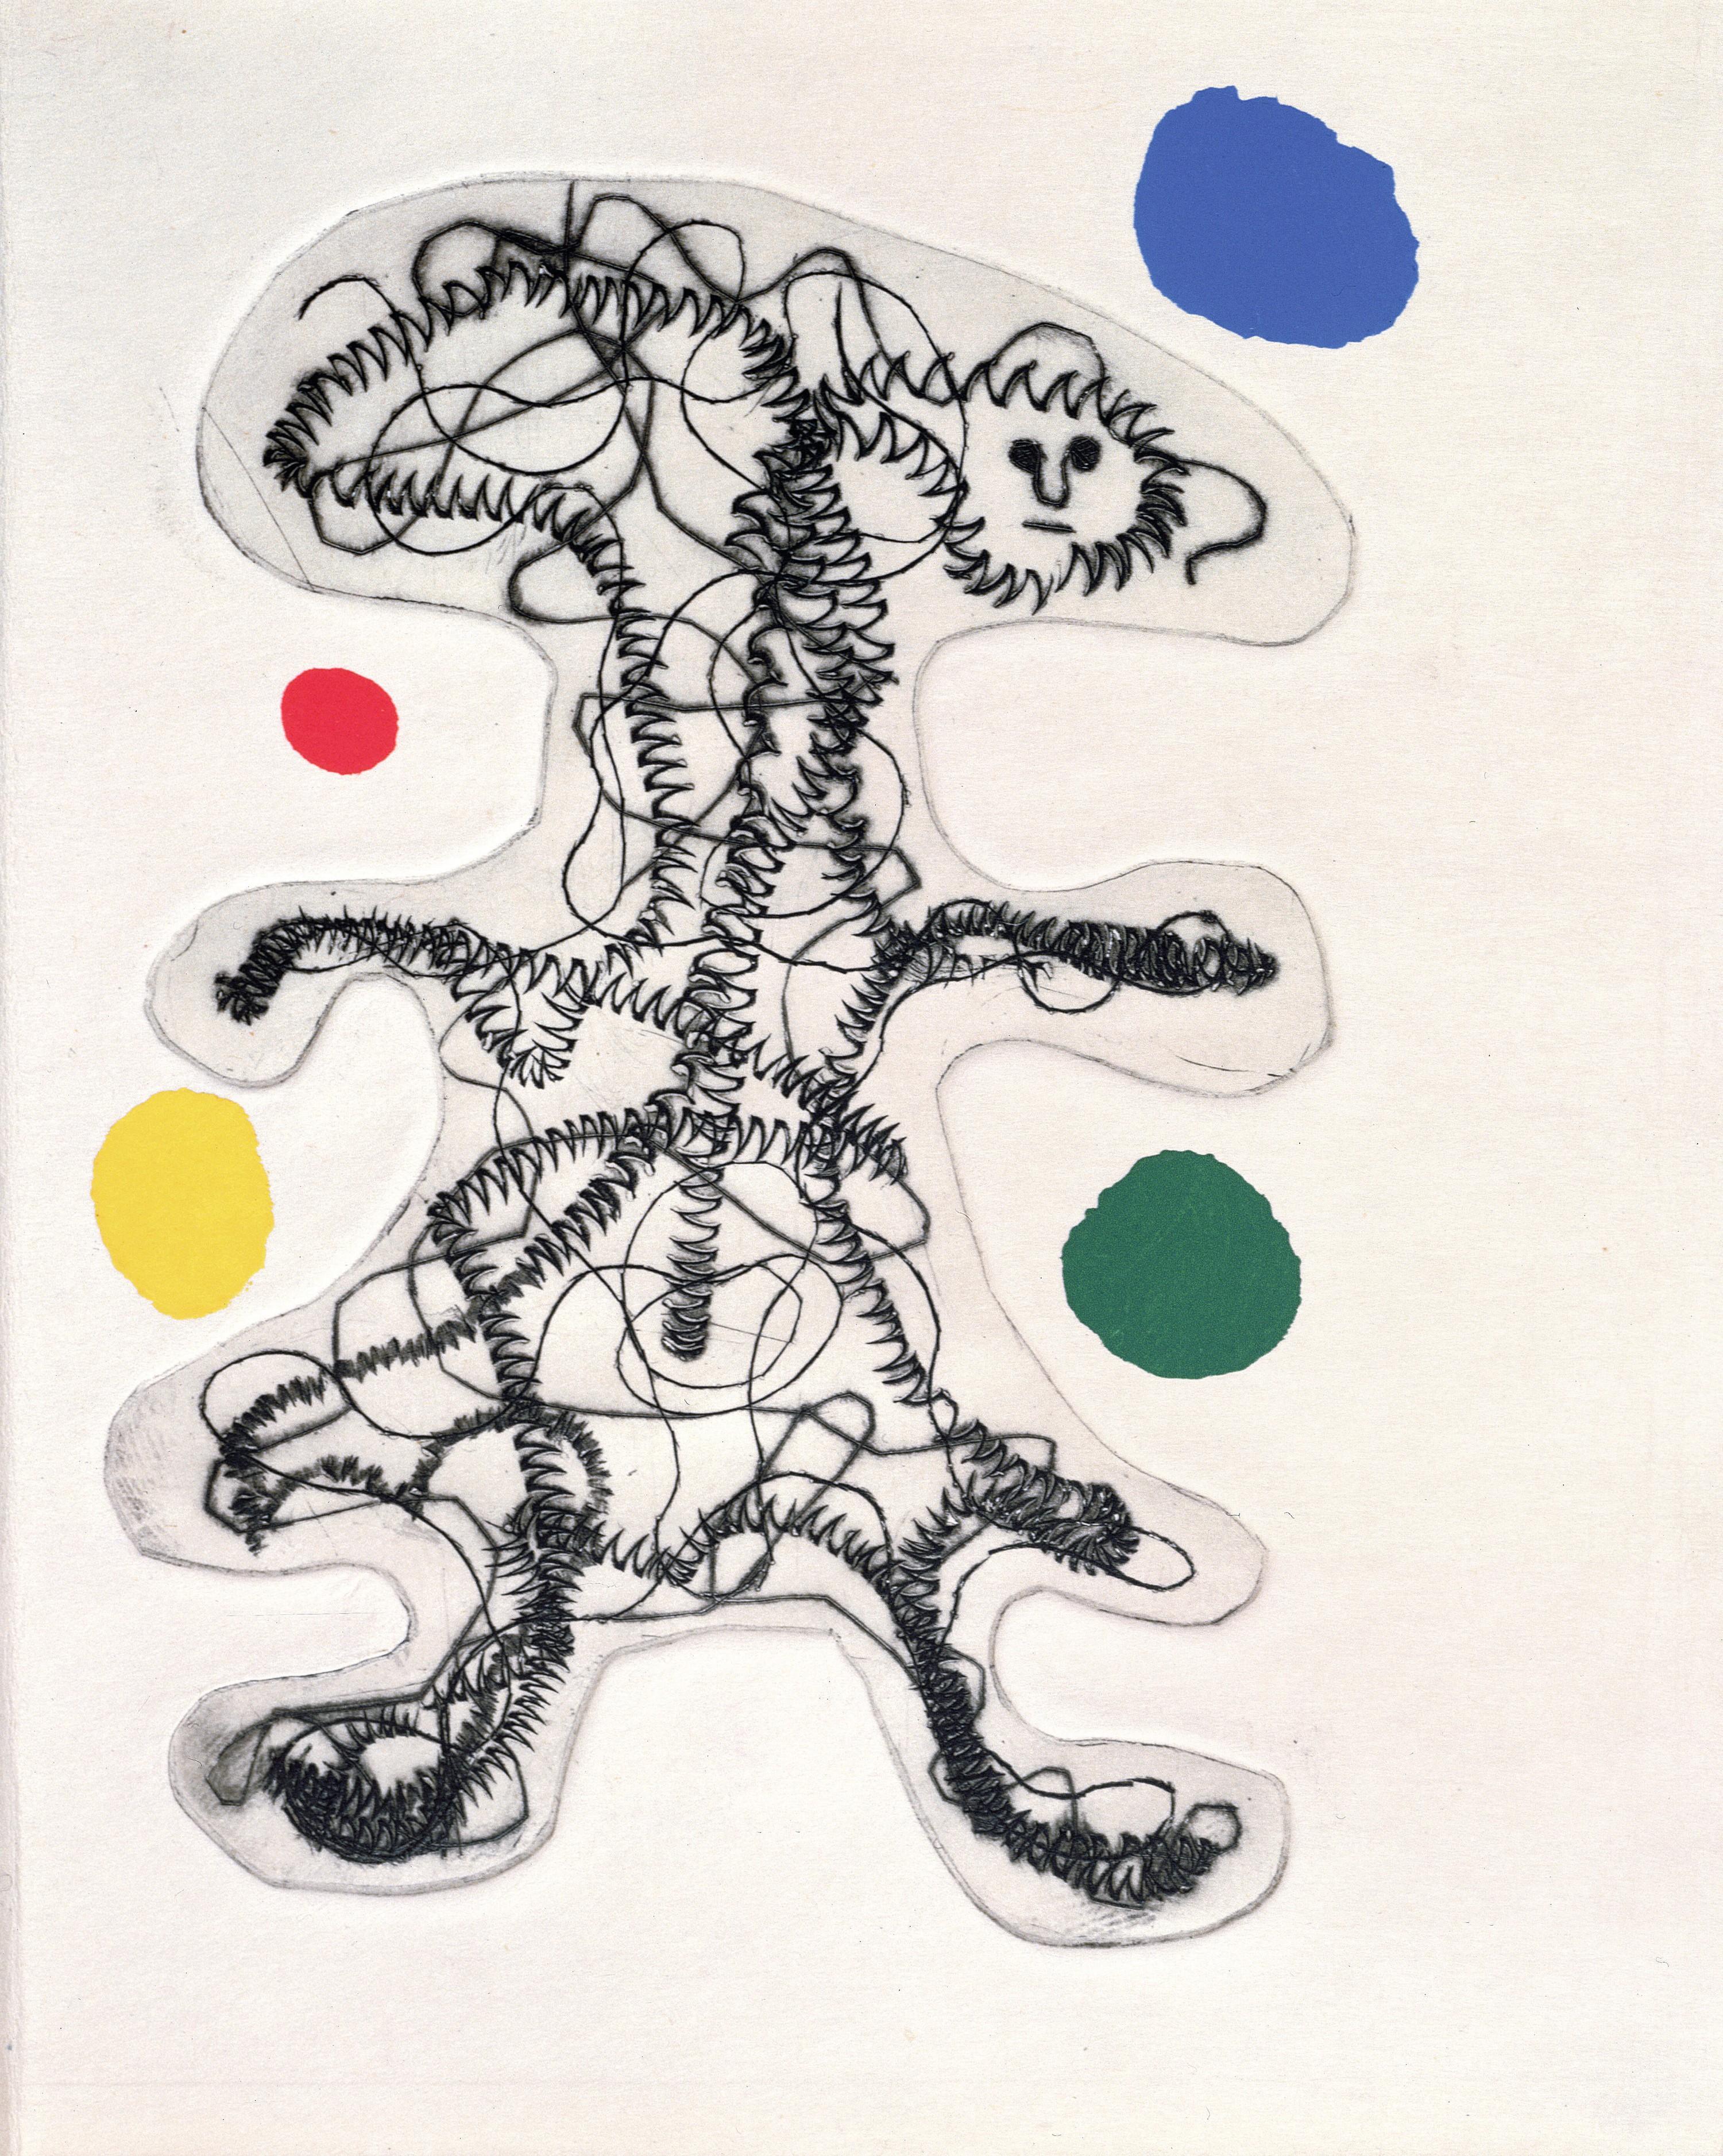 Joan Miró, Illustration pour Parler seul de Tristan Tzara, 1950, lithographie, Bibliothèque Jacques Doucet, France.